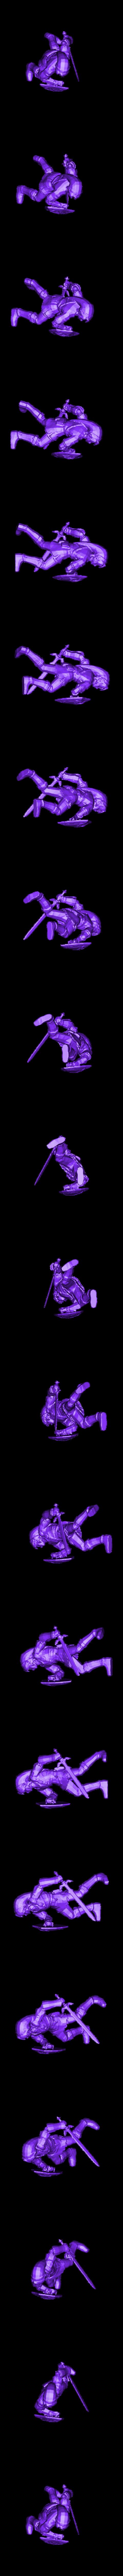 linkBig.stl Download free STL file Link Model • 3D printing design, koukwst